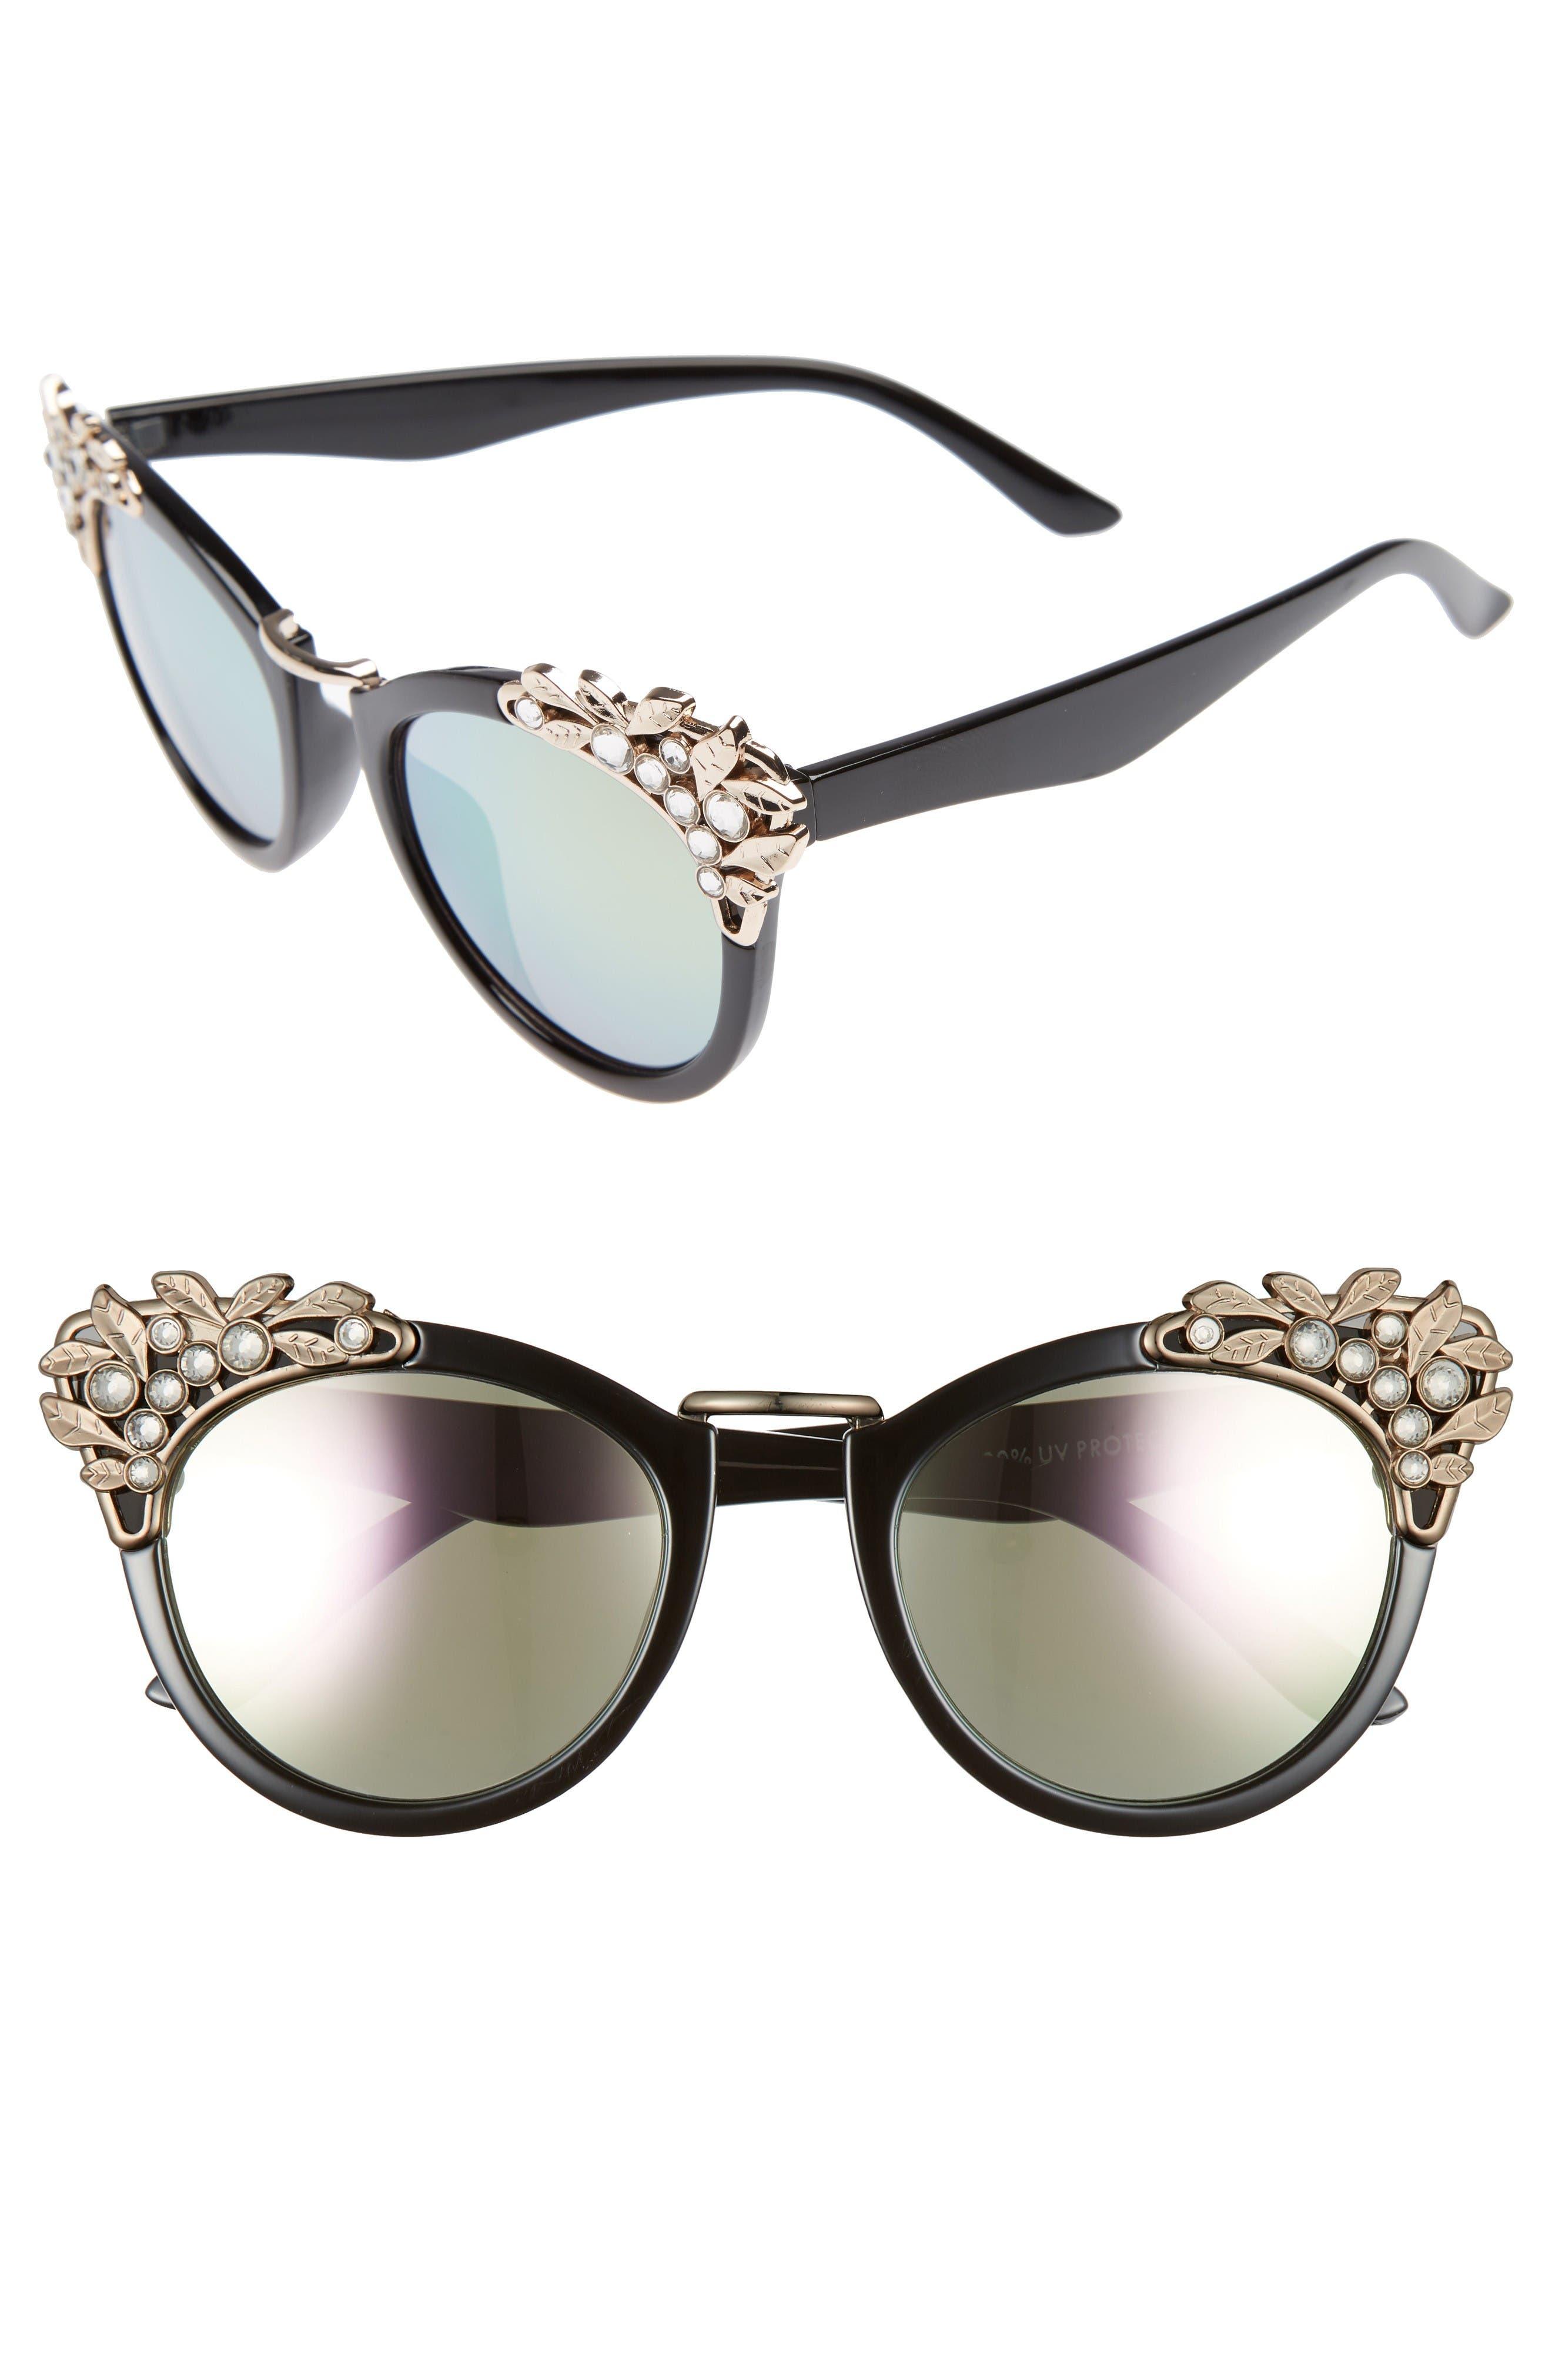 Main Image - BP. Optical Illusion 56mm Embellished Cat Eye Sunglasses